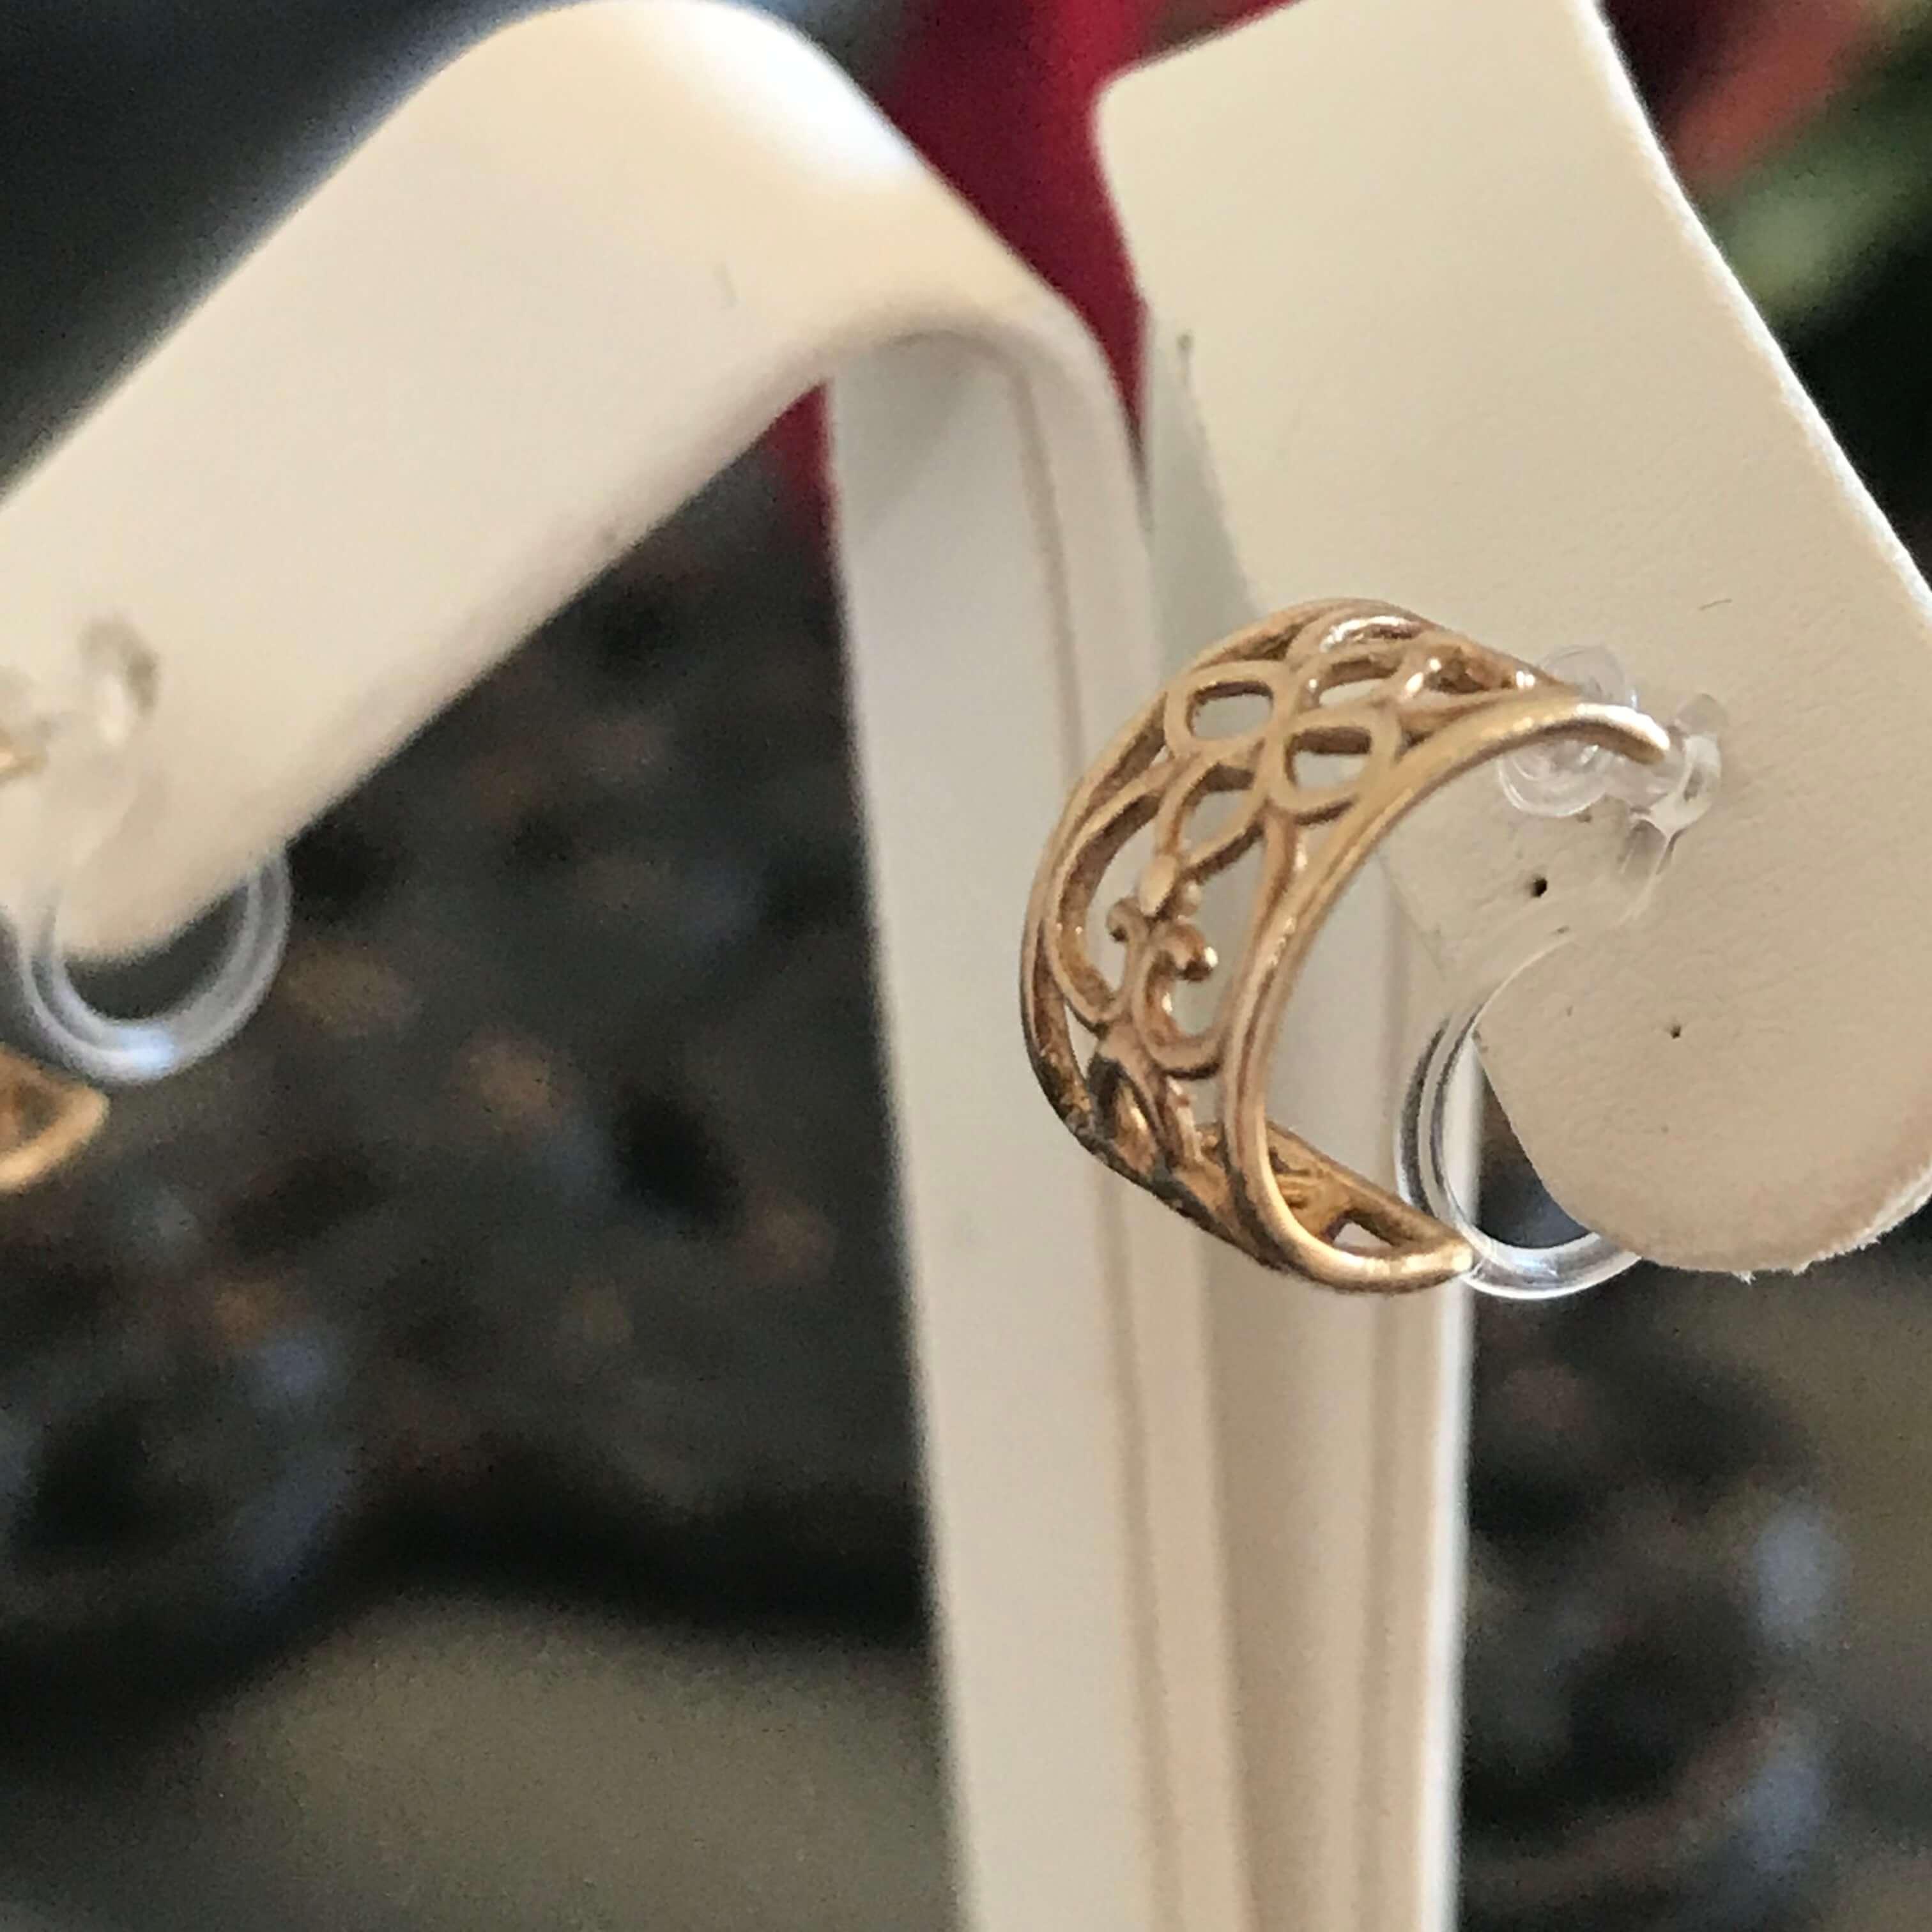 【12月30日までの期間限定販売】エキゾチックな透かし模様ミニフープイヤリングの販売